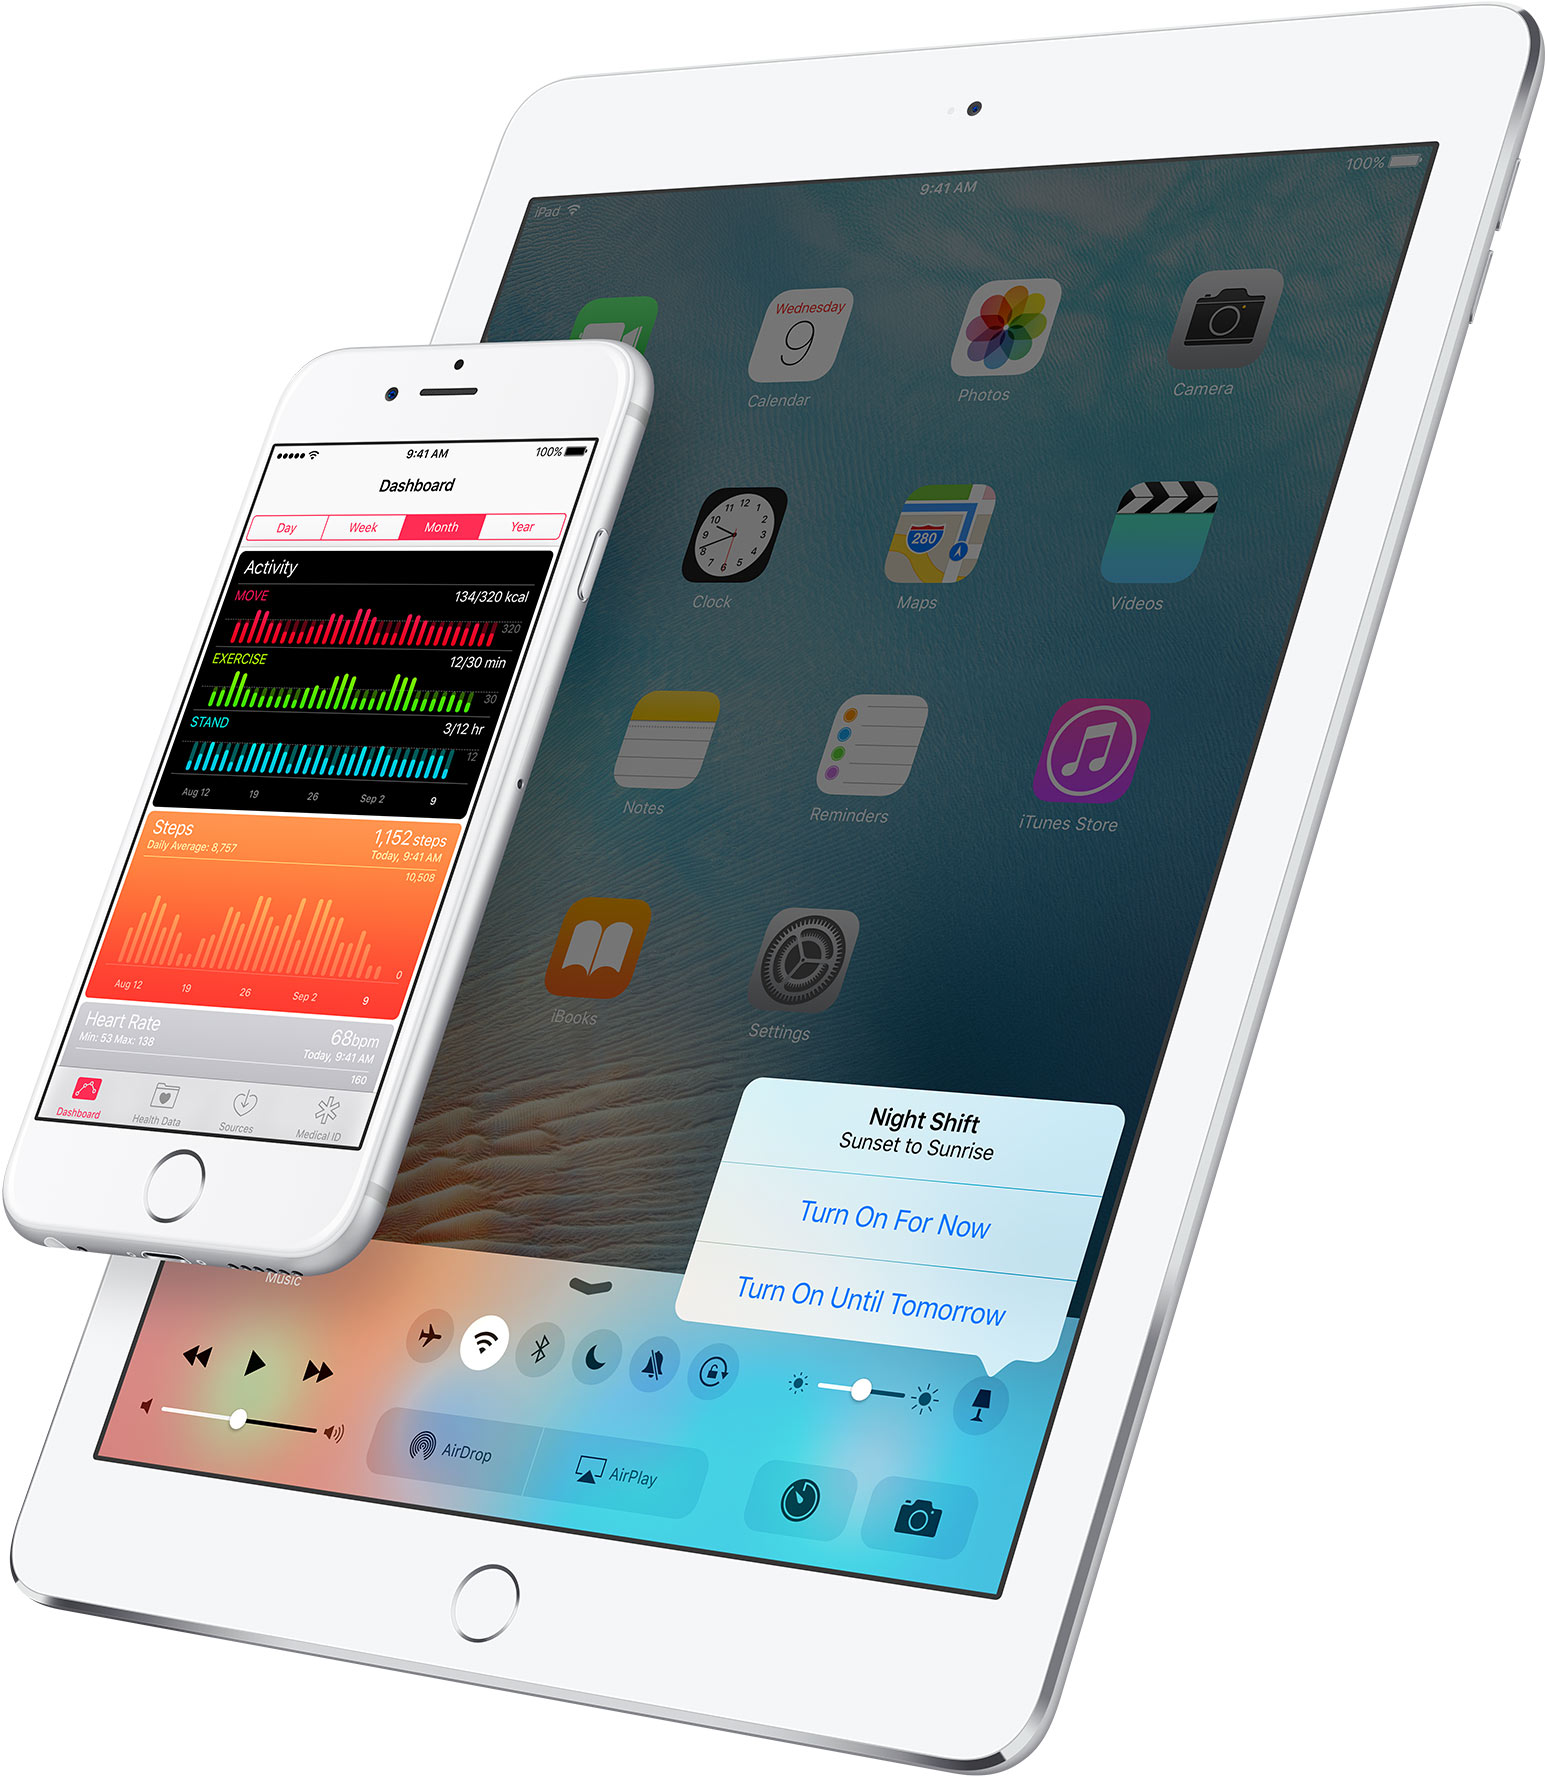 Modalità notturna iOS